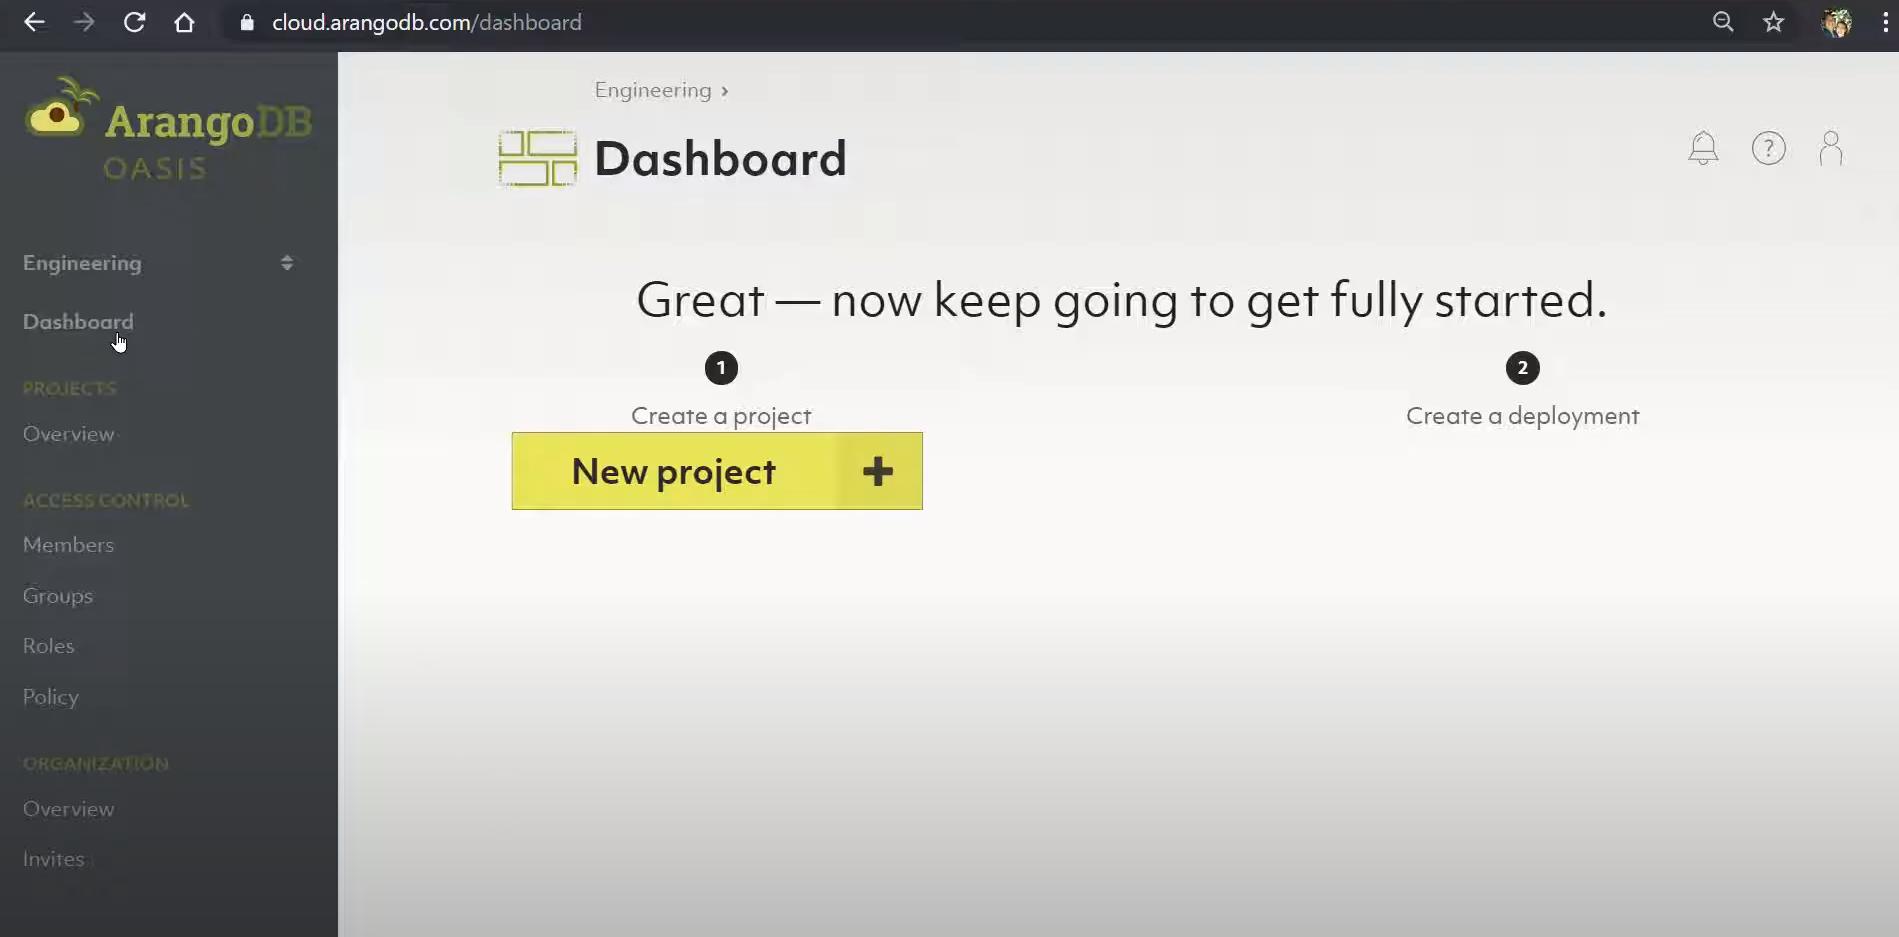 ArangoDB dashboard